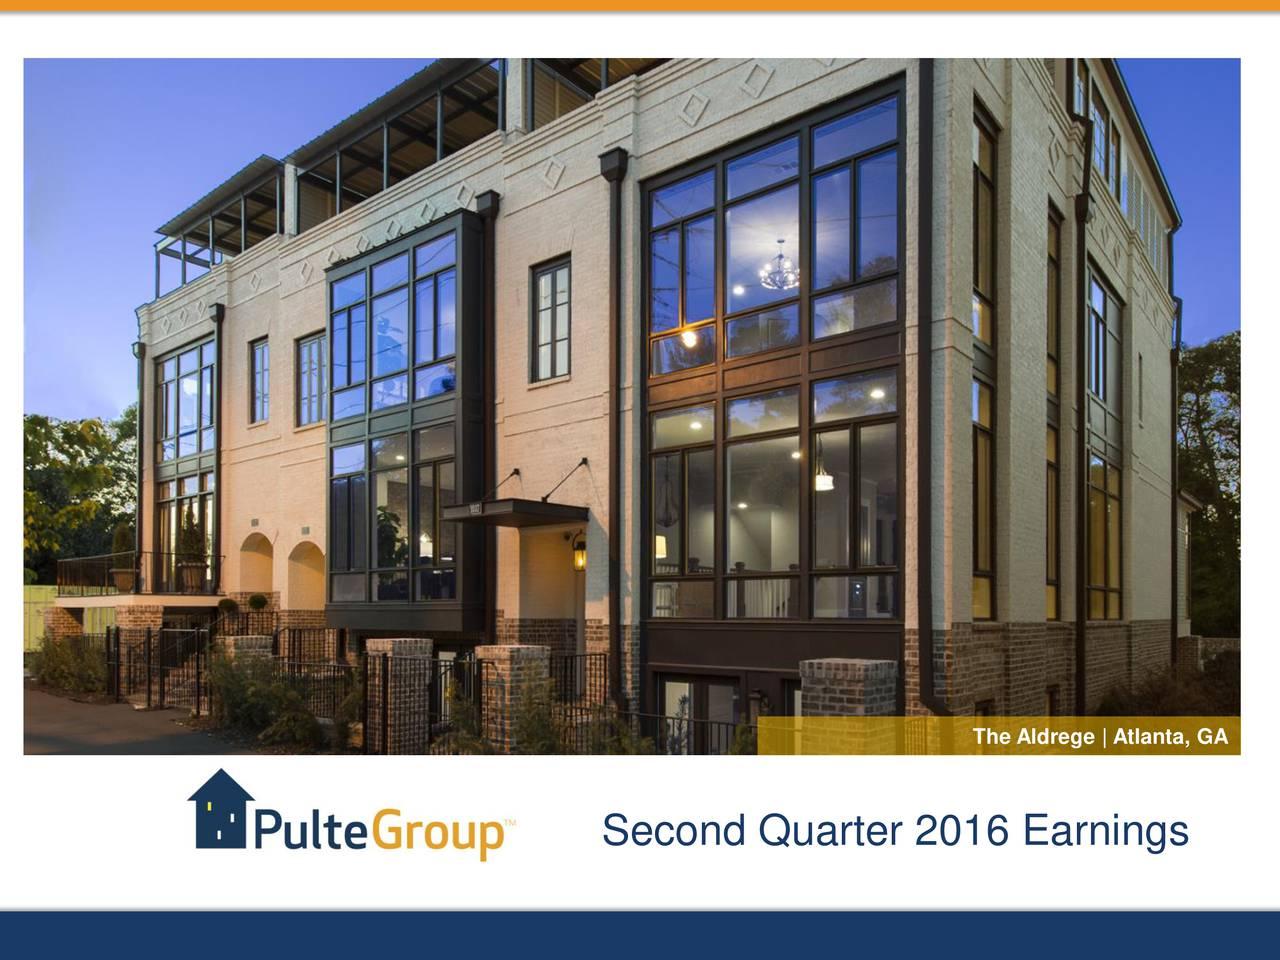 Second Quarter 2016 Earnings